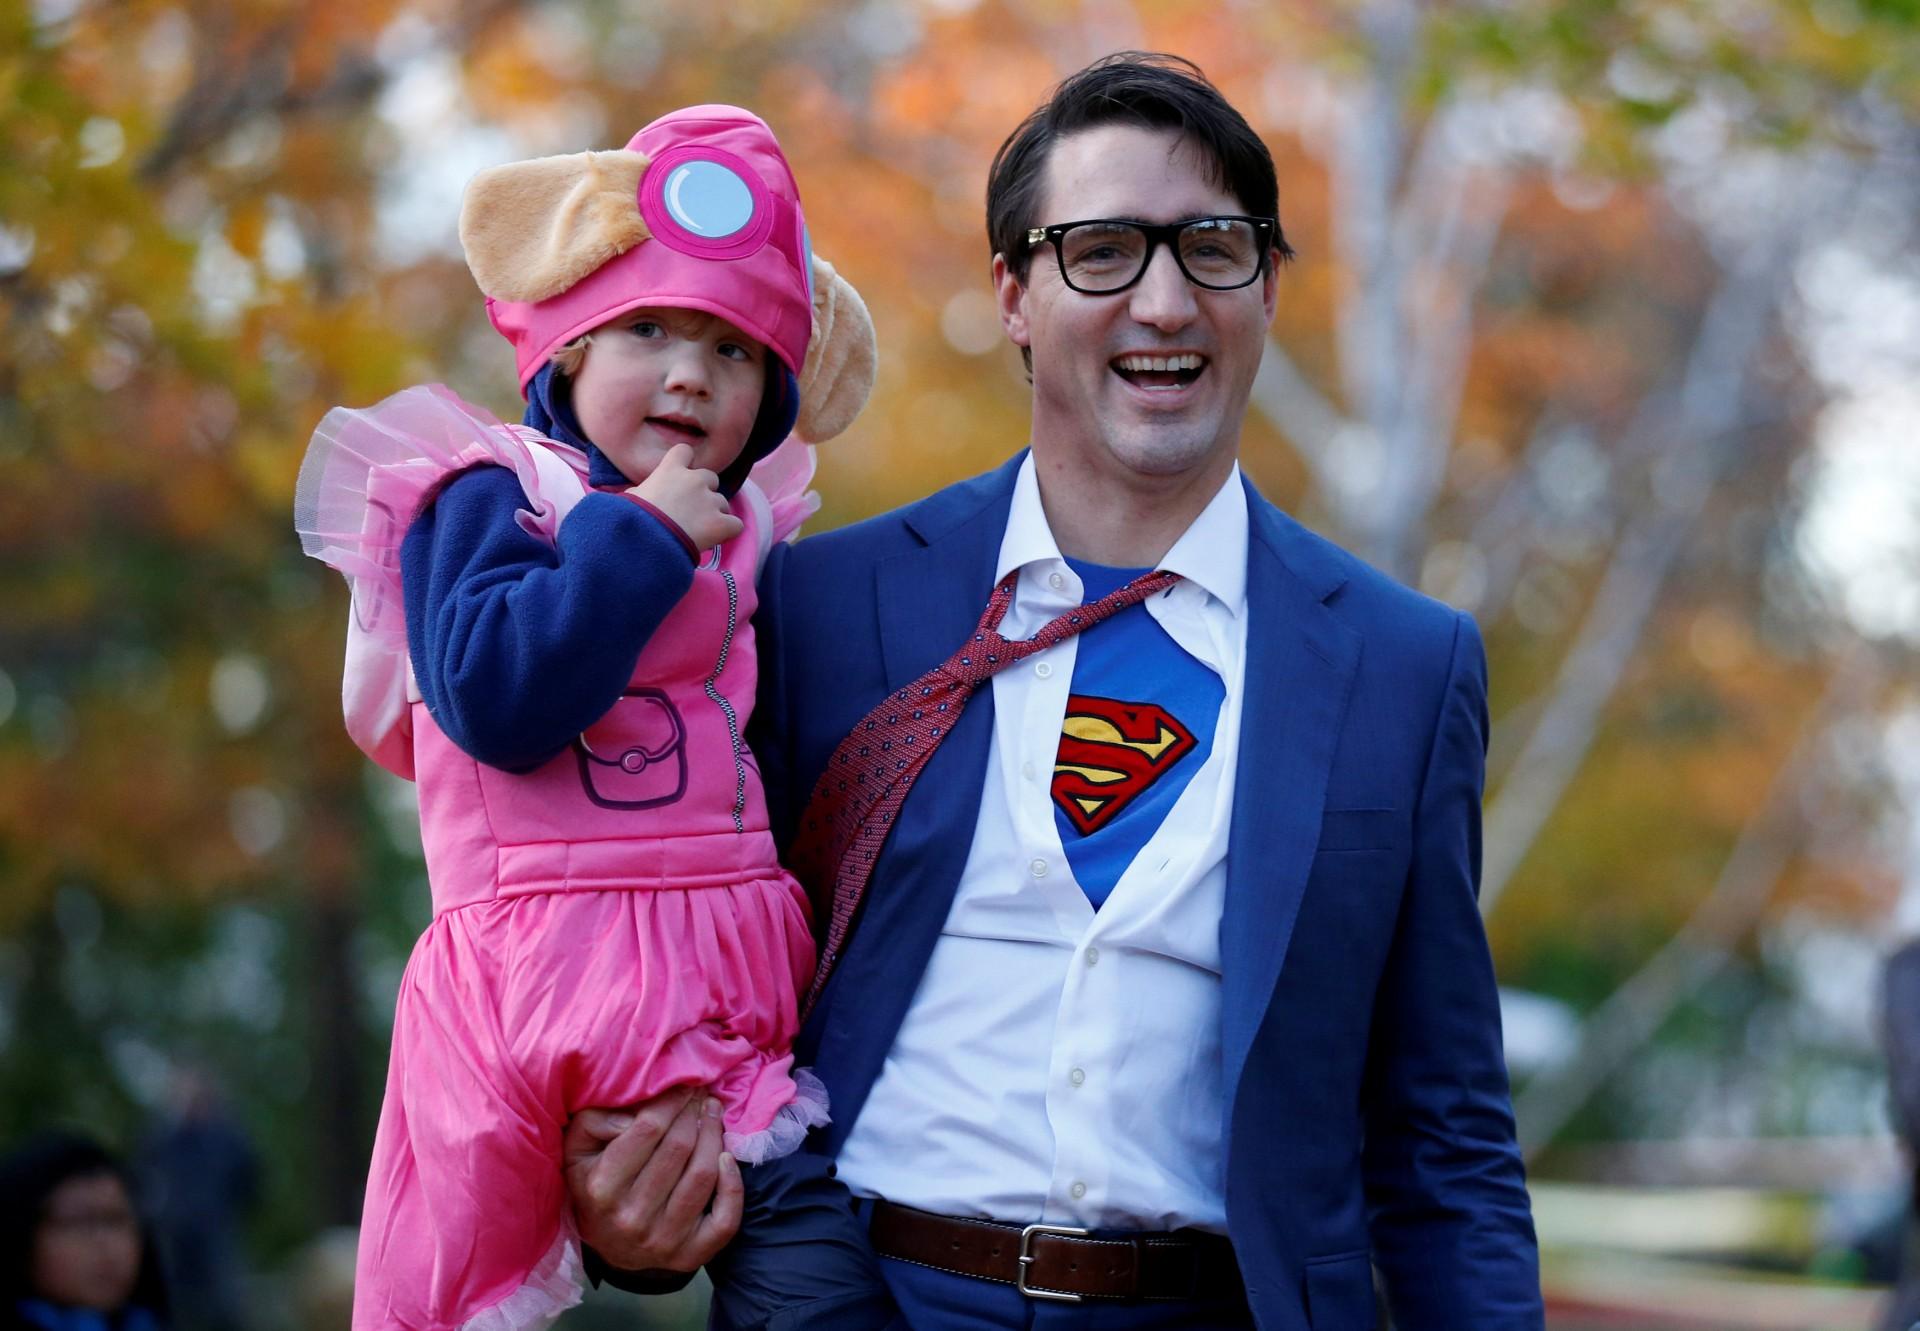 Trudeau junto a su hijo Hadrien, disfrazado en Clark Kent en las celebraciones de Halloween en Ottawa(REUTERS/Chris Wattie)